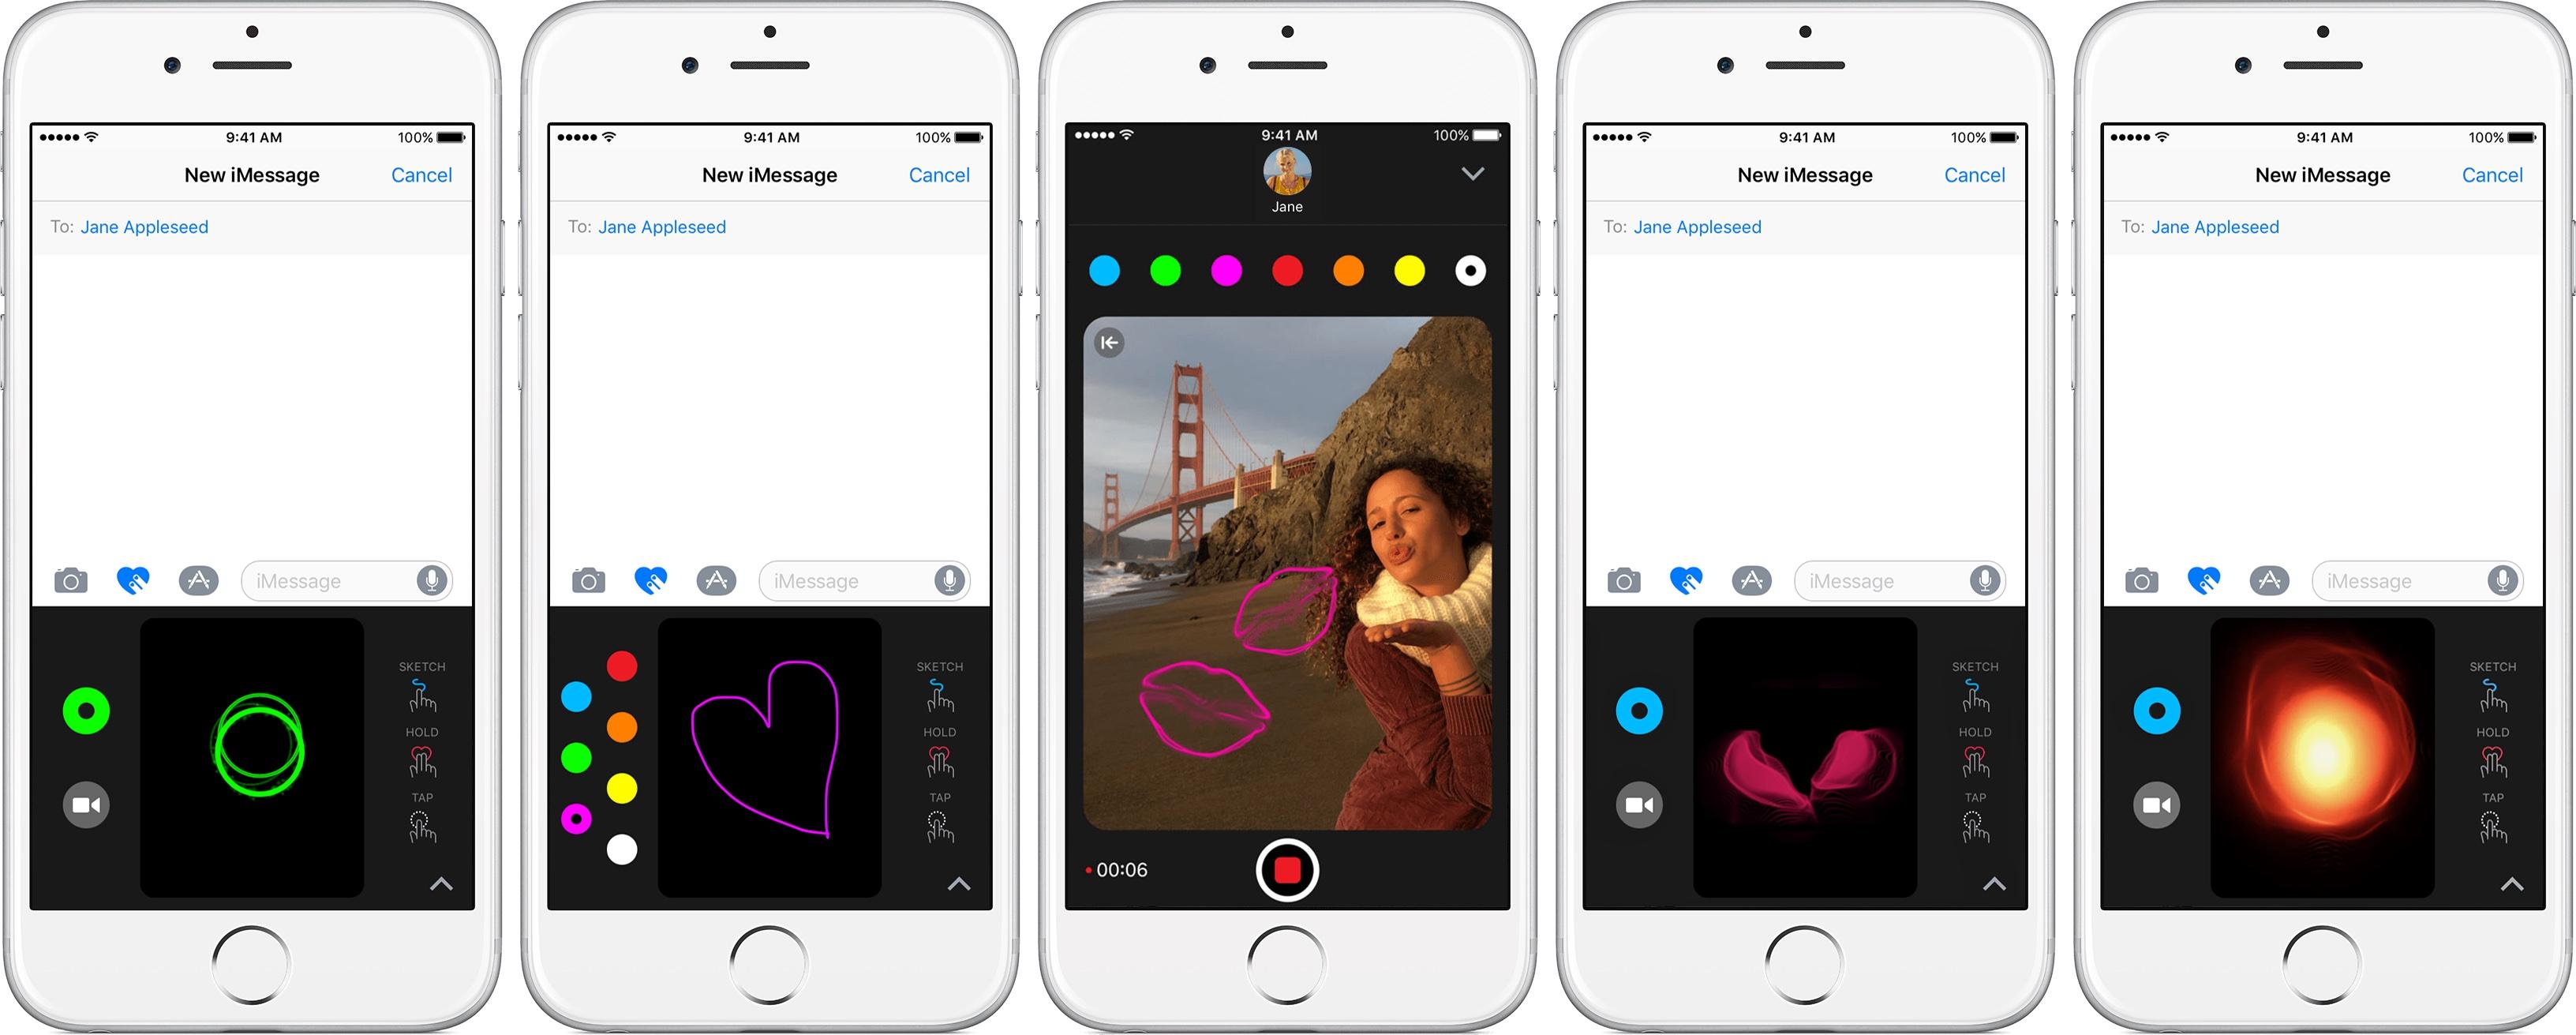 Teaser táctil digital de mensajes de iOS 10